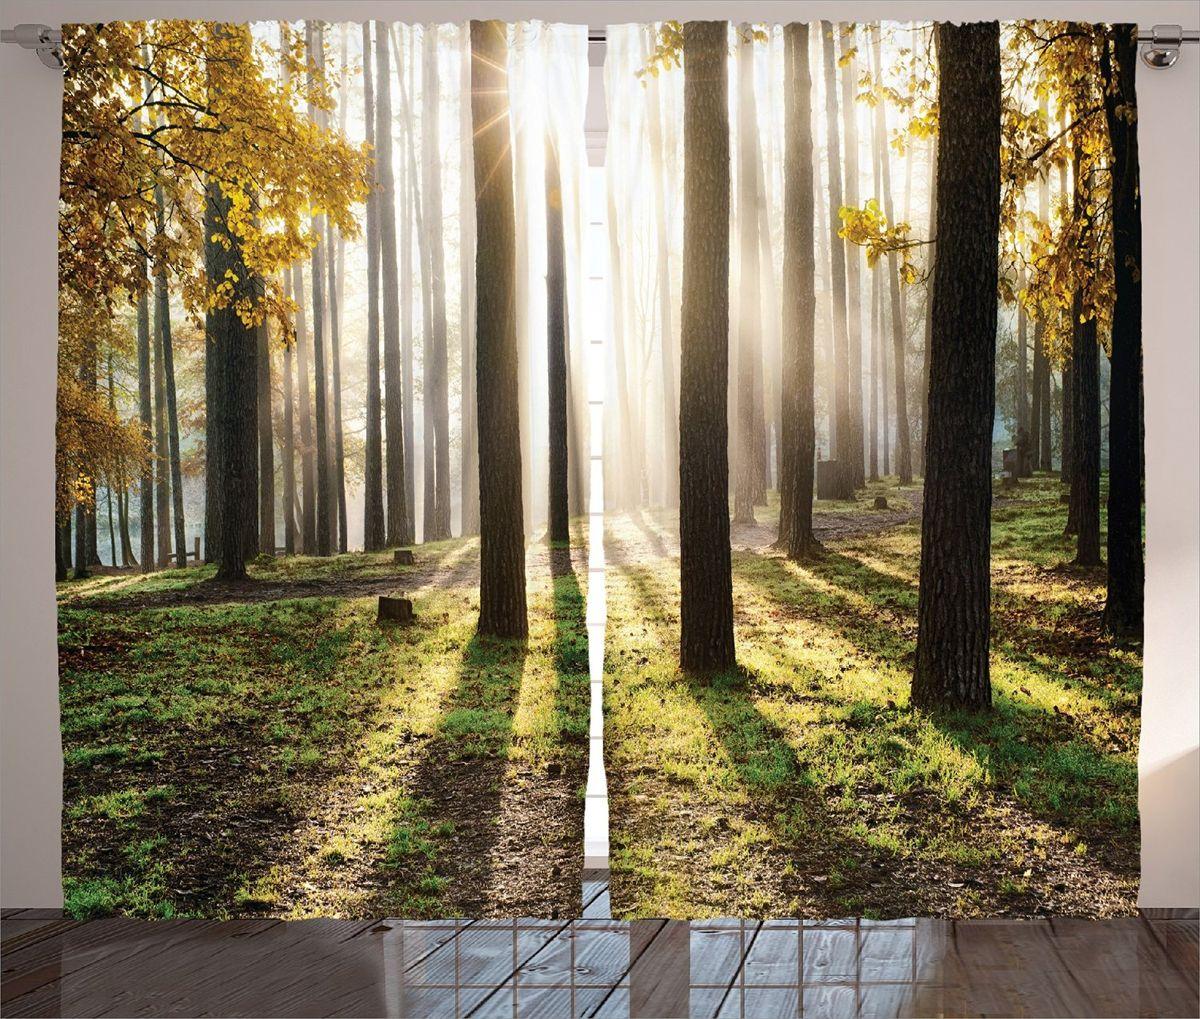 Комплект фотоштор Magic Lady Солнце в осеннем лесу, на ленте, высота 265 см. шсг_15217шсг_6491Роскошный комплект фотоштор Magic Lady Солнце в осеннем лесу, выполненный из высококачественного сатена (полиэстер 100%), великолепно украсит любое окно. При изготовлении используются специальные гипоаллергенные чернила. Комплект состоит из двух фотоштор и декорирован изящным рисунком. Оригинальный дизайн и цветовая гамма привлекут к себе внимание и органично впишутся в интерьер комнаты. Крепление на карниз при помощи шторной ленты на крючки.